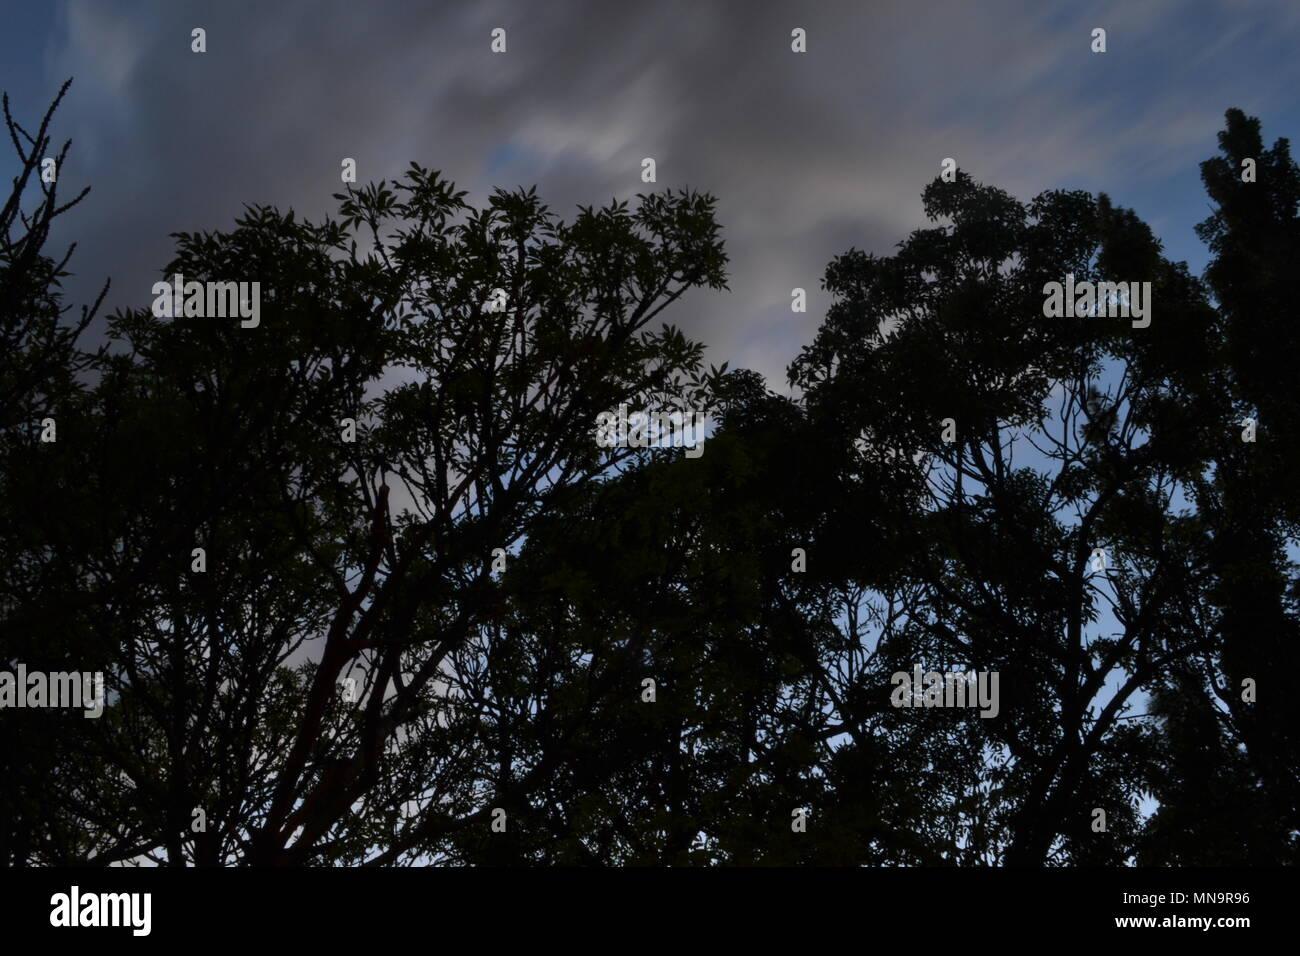 Sagome di alberi nel crepuscolo wallpaper Immagini Stock